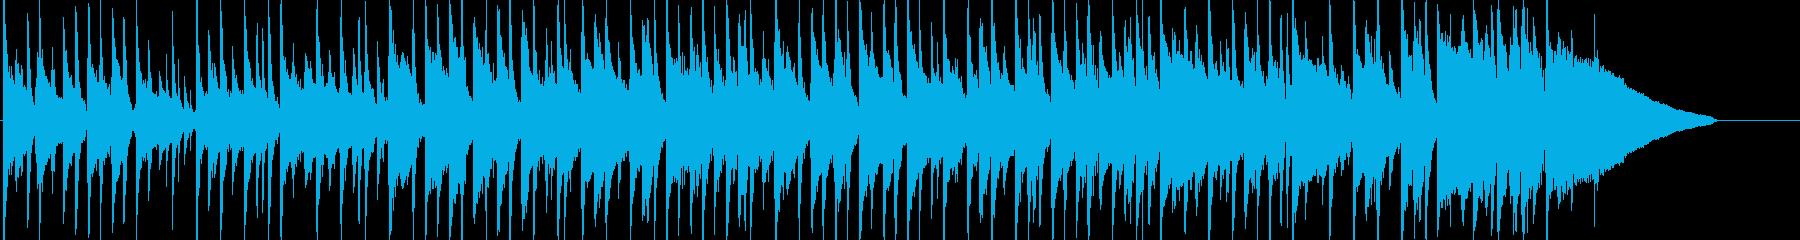 ほのぼのしたアコギメインのポップスの再生済みの波形